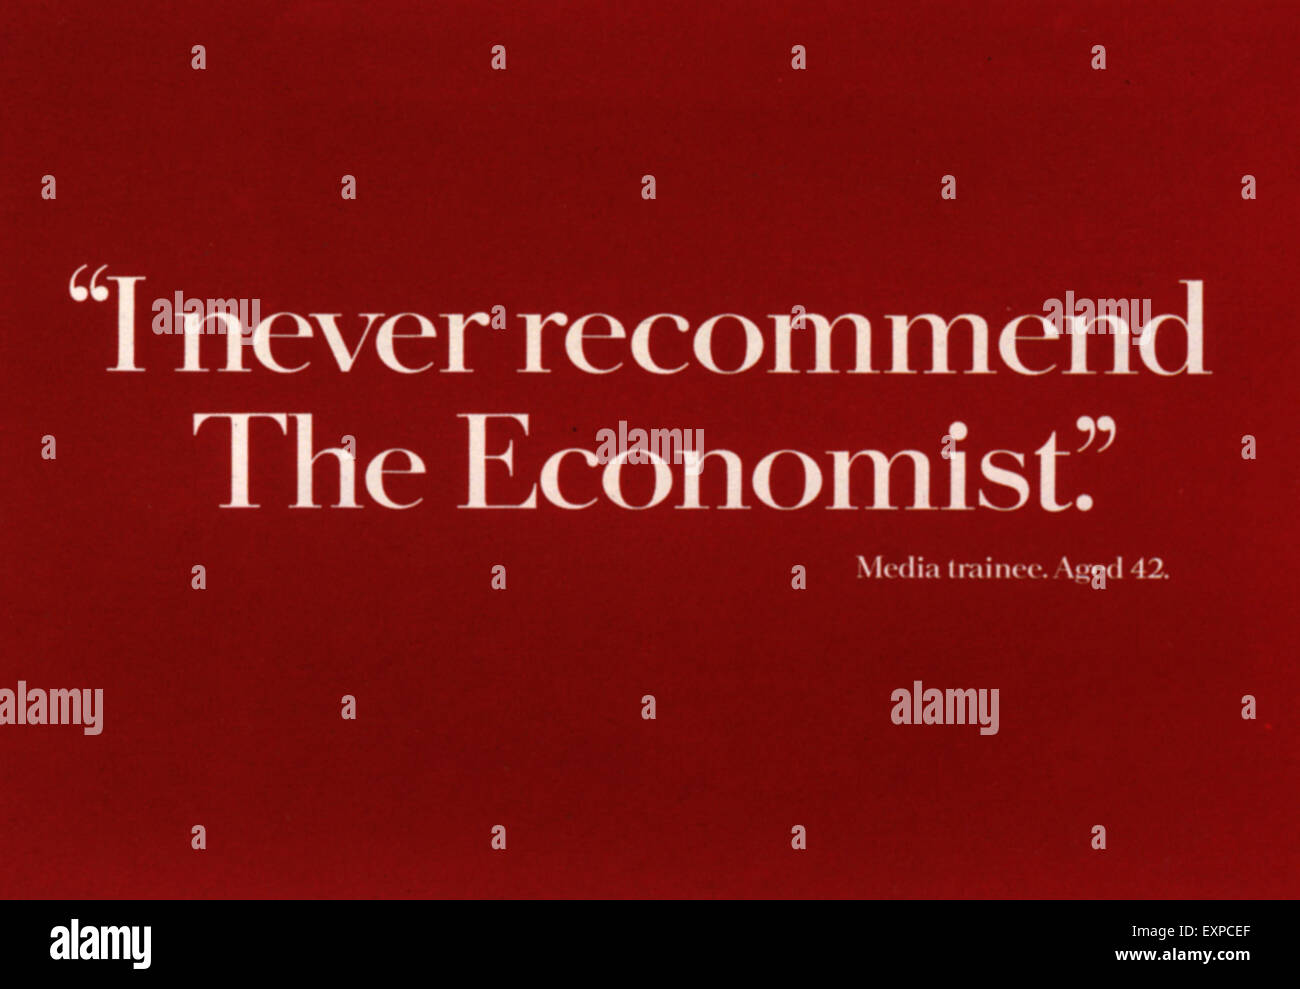 1990er Jahre UK Economist-Poster Stockbild